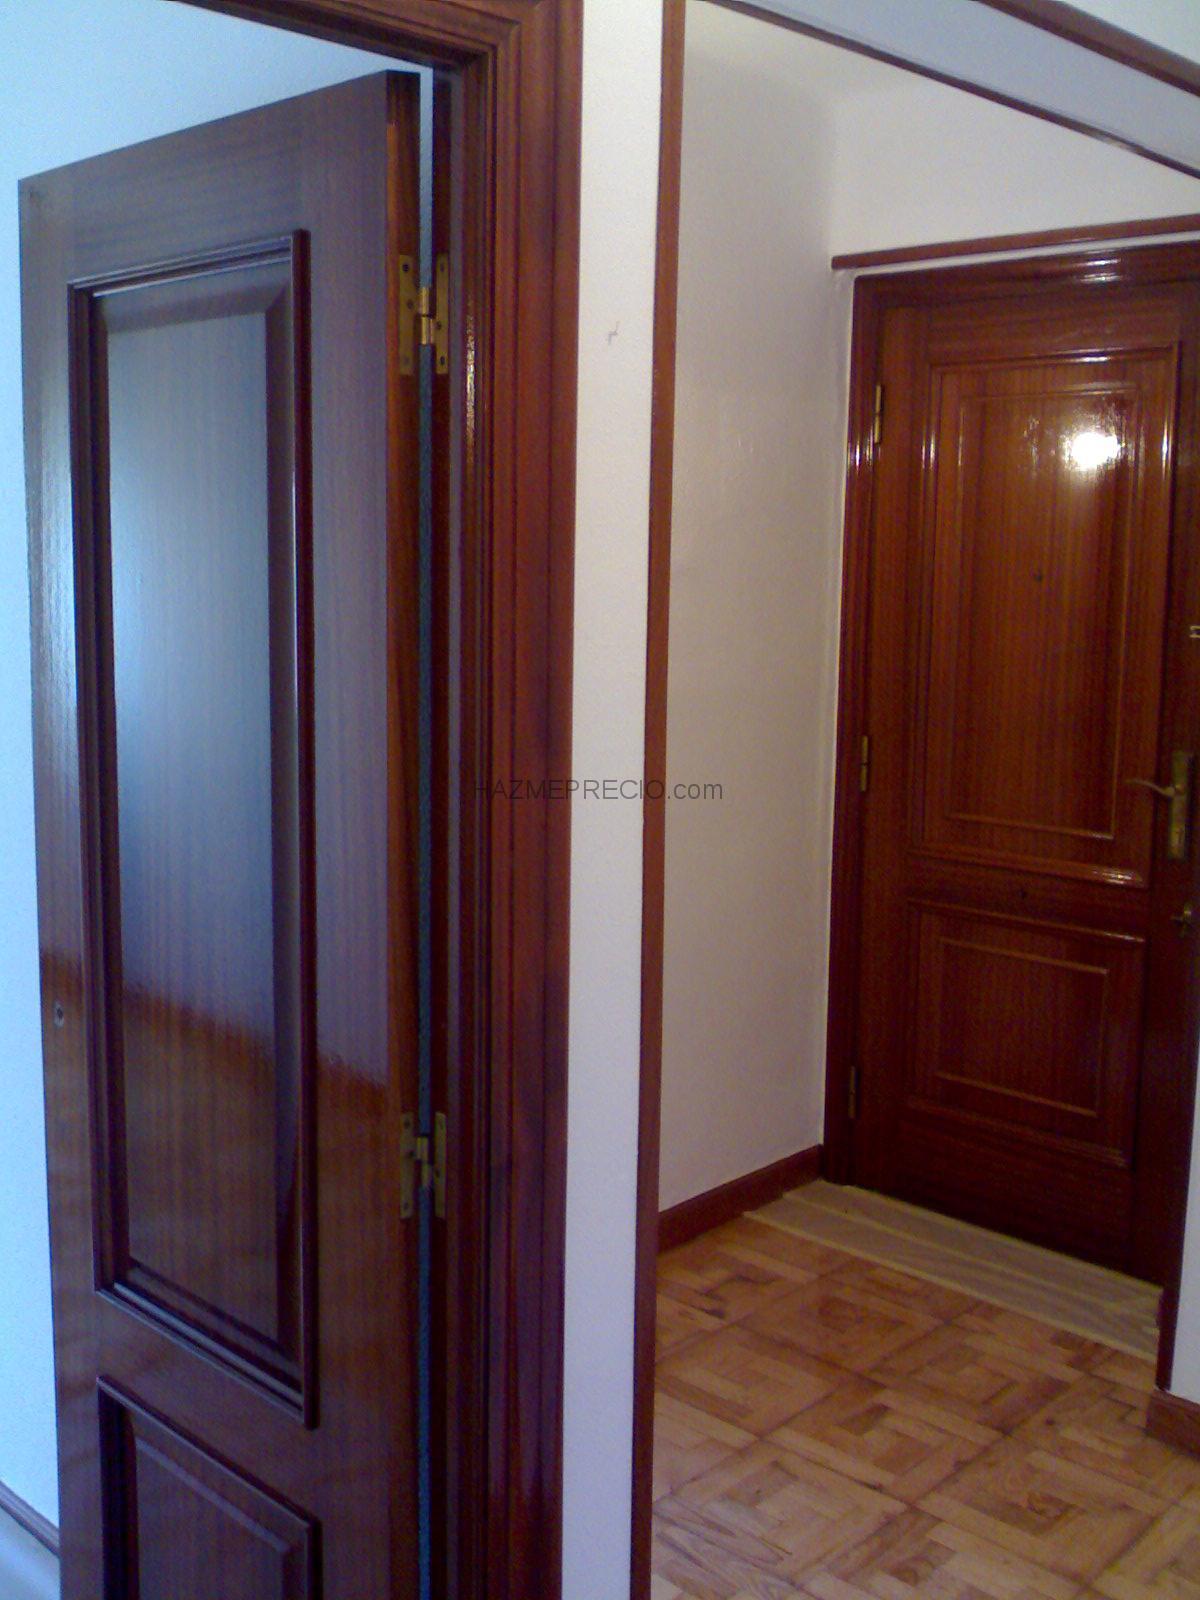 Pintura de piso y barnizado de puertas santa mar a de - Pintura para puertas ...